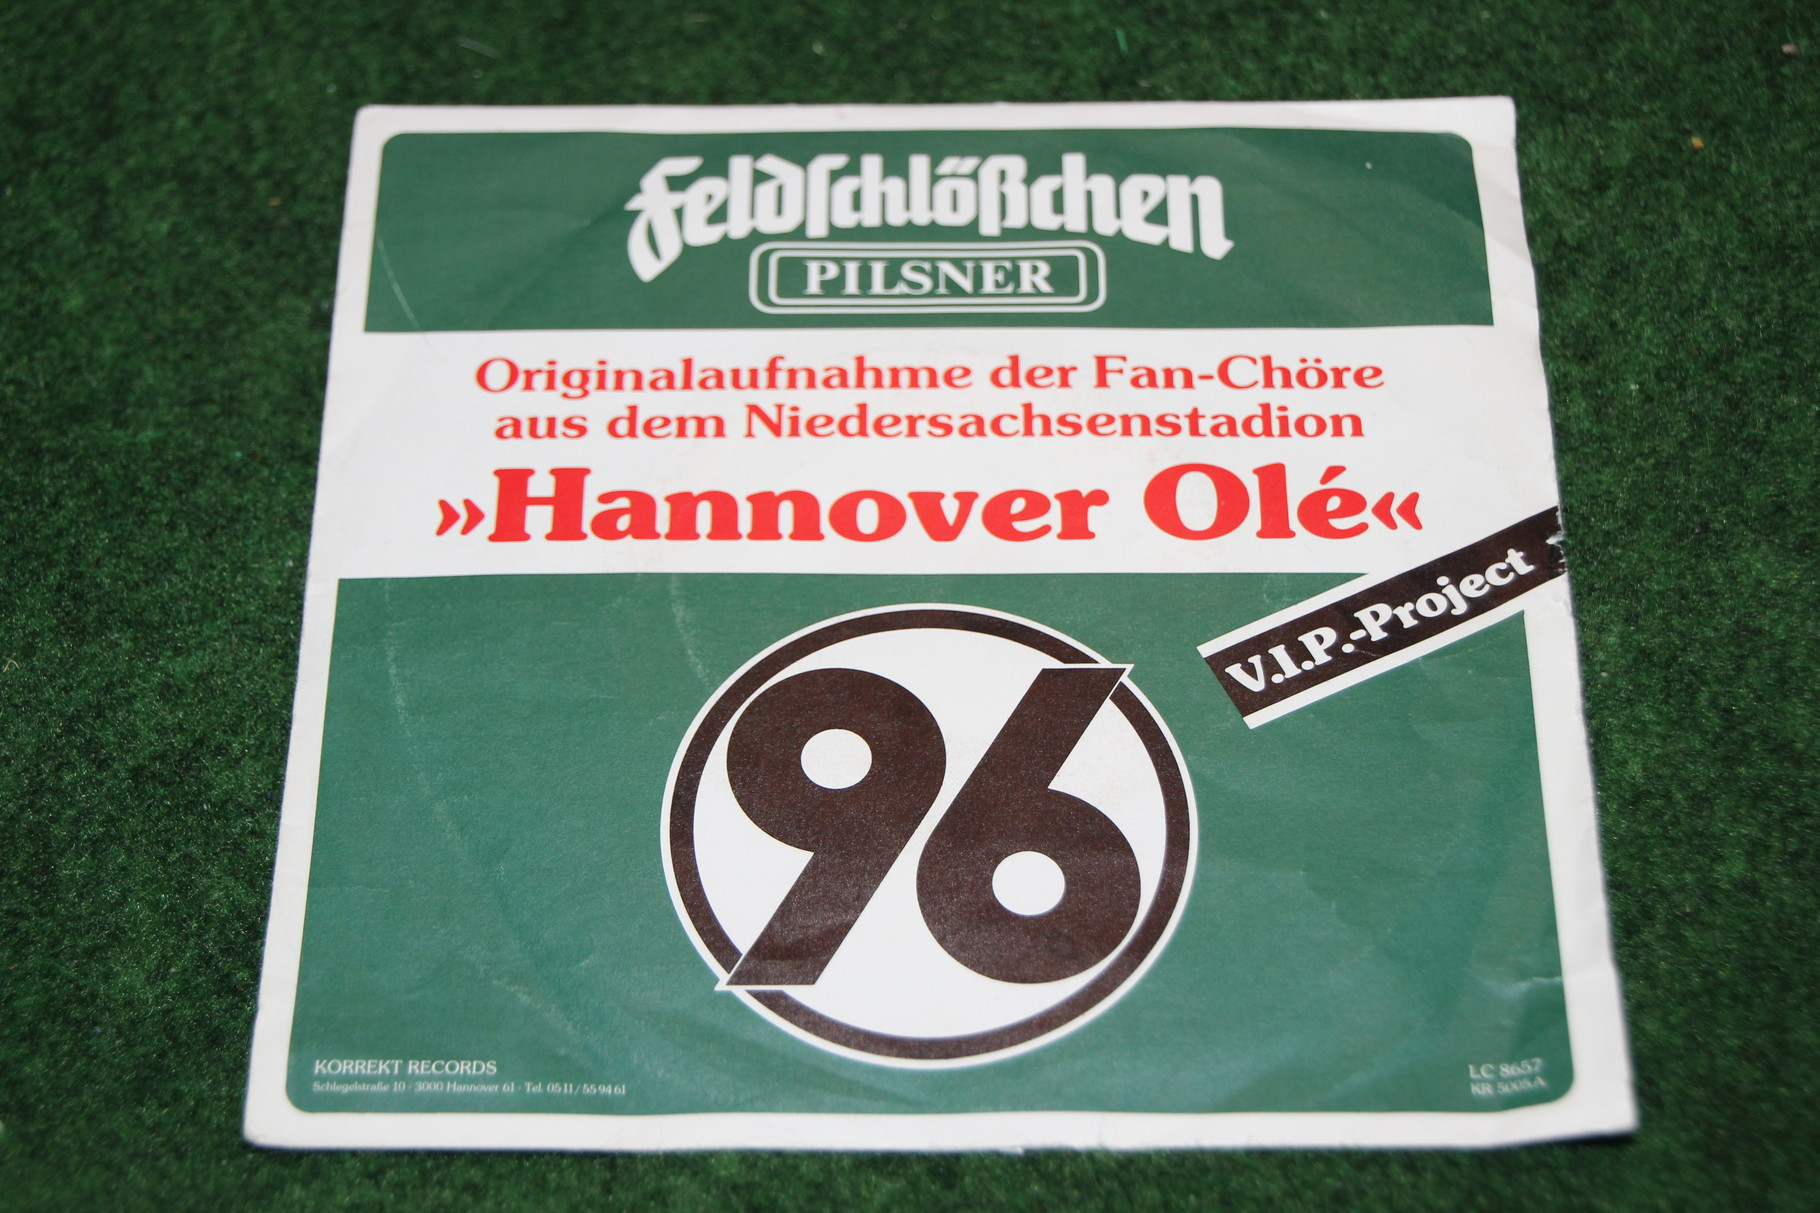 Alte Schallplatte von Hannover 96 aus dem Jahr 1987, Seite A Fanchöre Niedersachsenstadion Hannover Olé; Seite B: Toni we love you